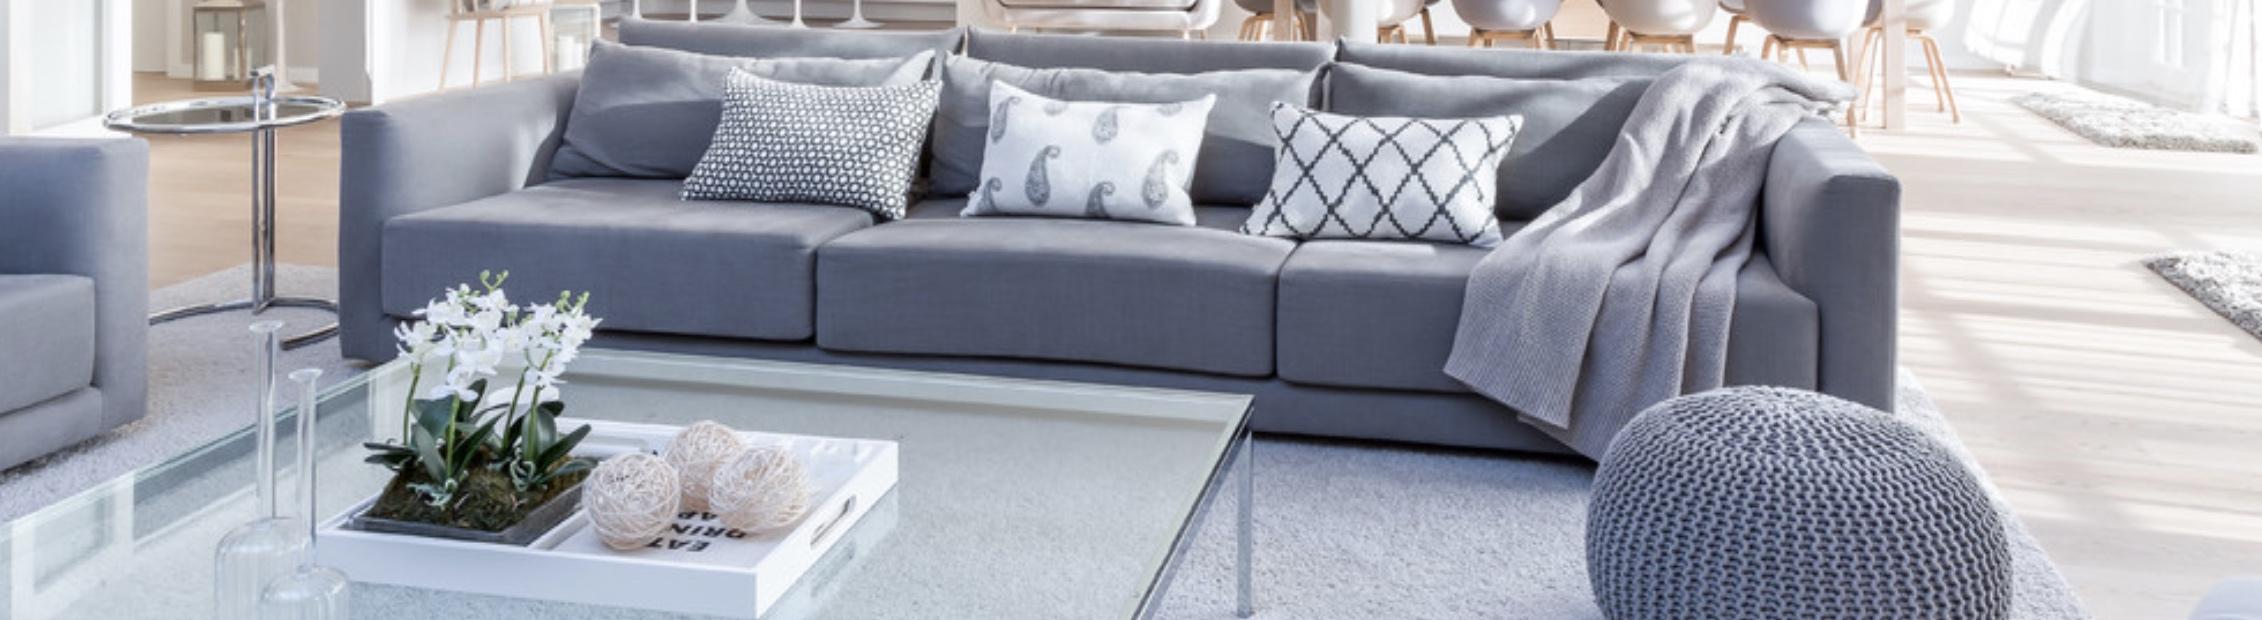 Sofa Blanket stock